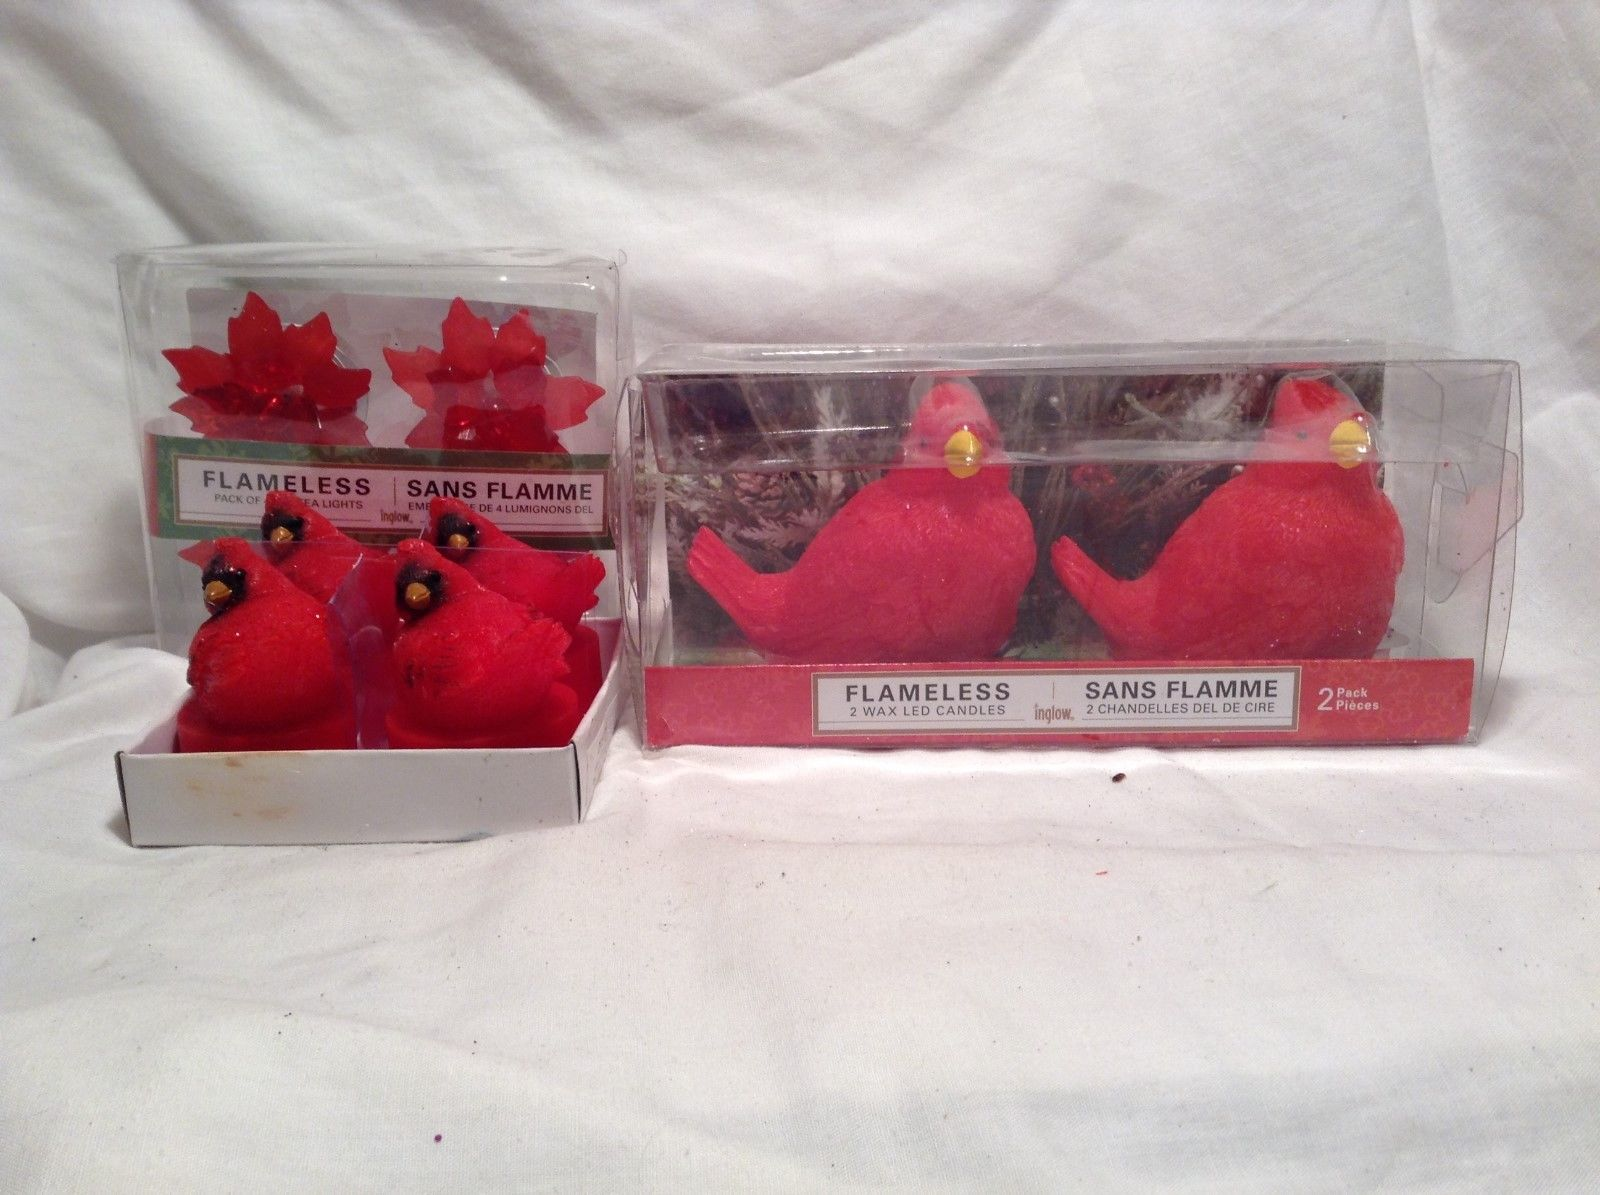 NEW Inglow Flameless Cardinal Candles and Tea Lights